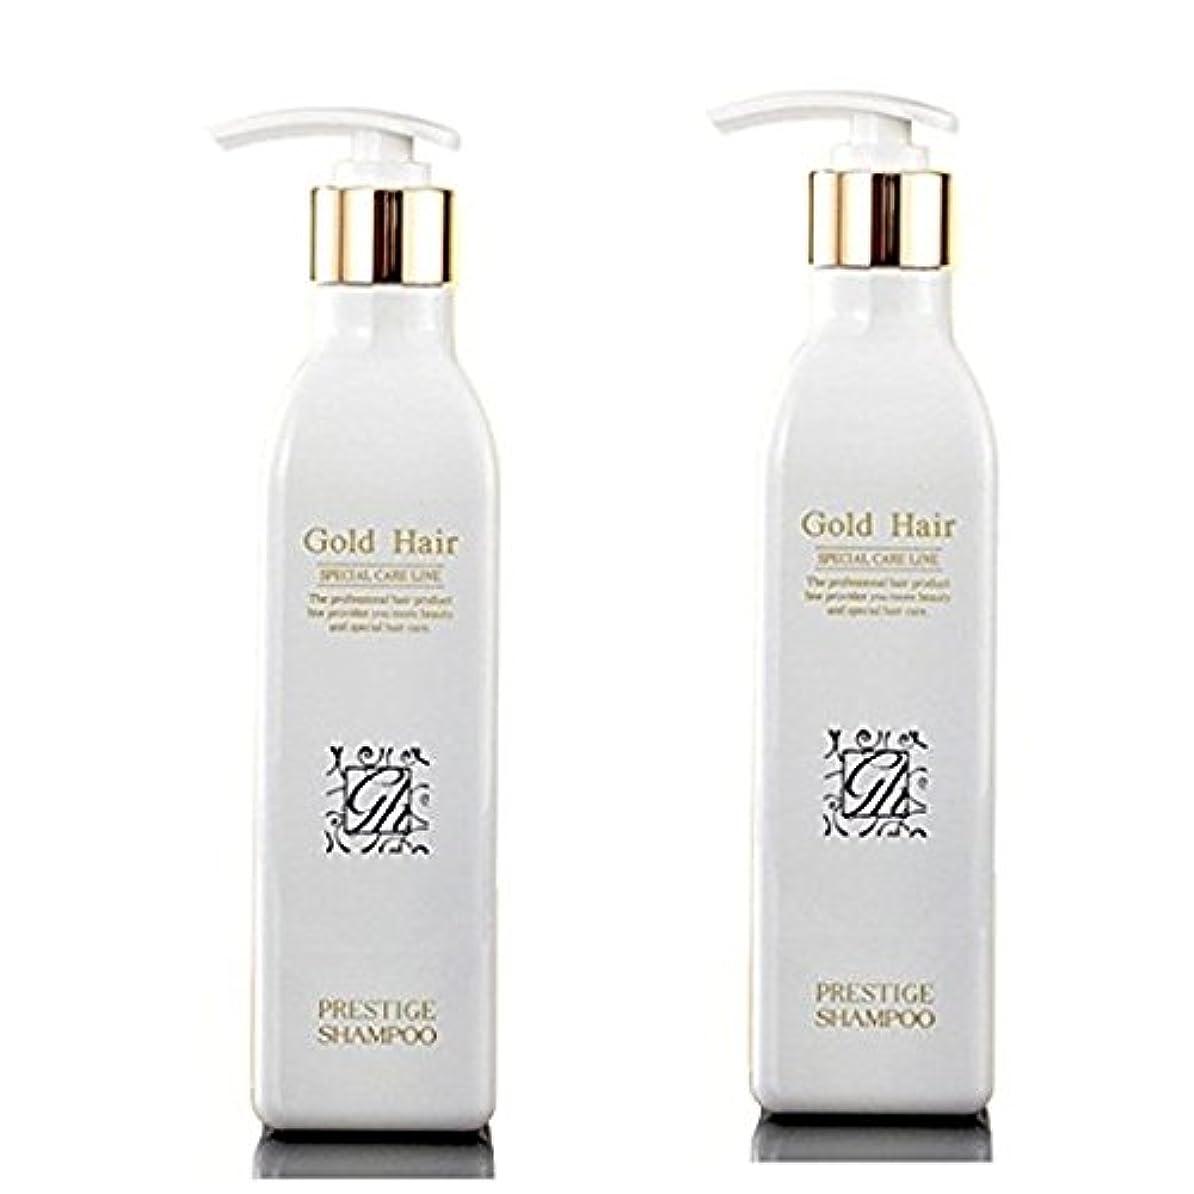 通信網価値動力学ゴールドヘア 育毛ケア シャンプー 漢方 シャンプー 抜け毛ケア ヘアケアシャンプー2本/Herbal Hair Loss Fast Regrowth Gold Hair Loss Shampoo[海外直送品] (2本セット...